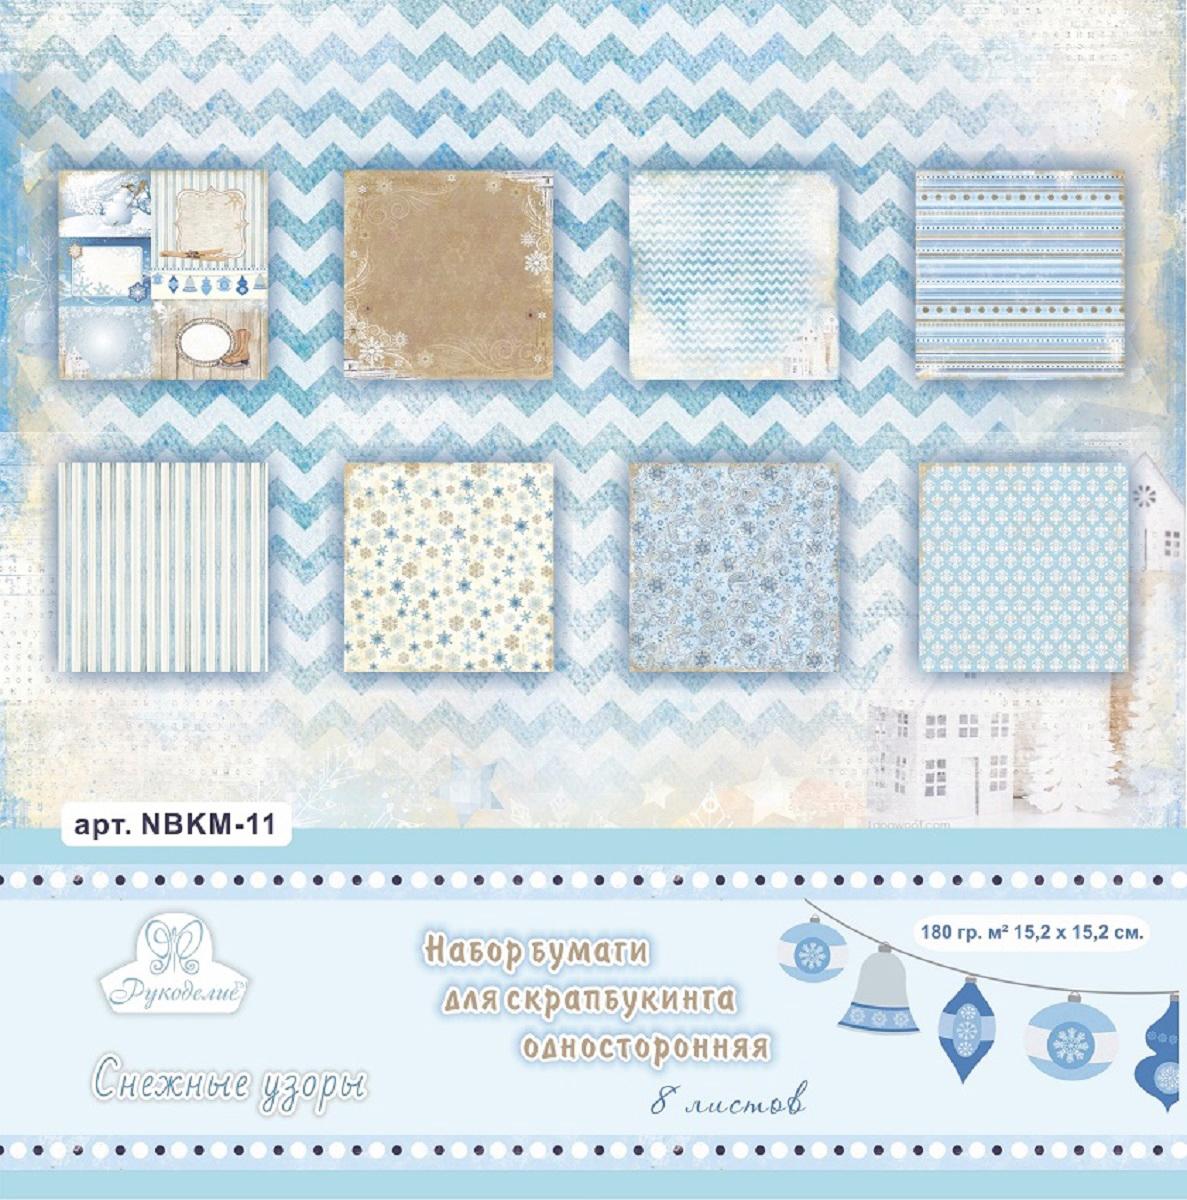 Набор бумаги для скрапбукинга Рукоделие Снежные узоры, односторонняя, 15,2 х 15,2 см, 8 листов набор нитей рукоделие снежные узоры 2 м 3 шт